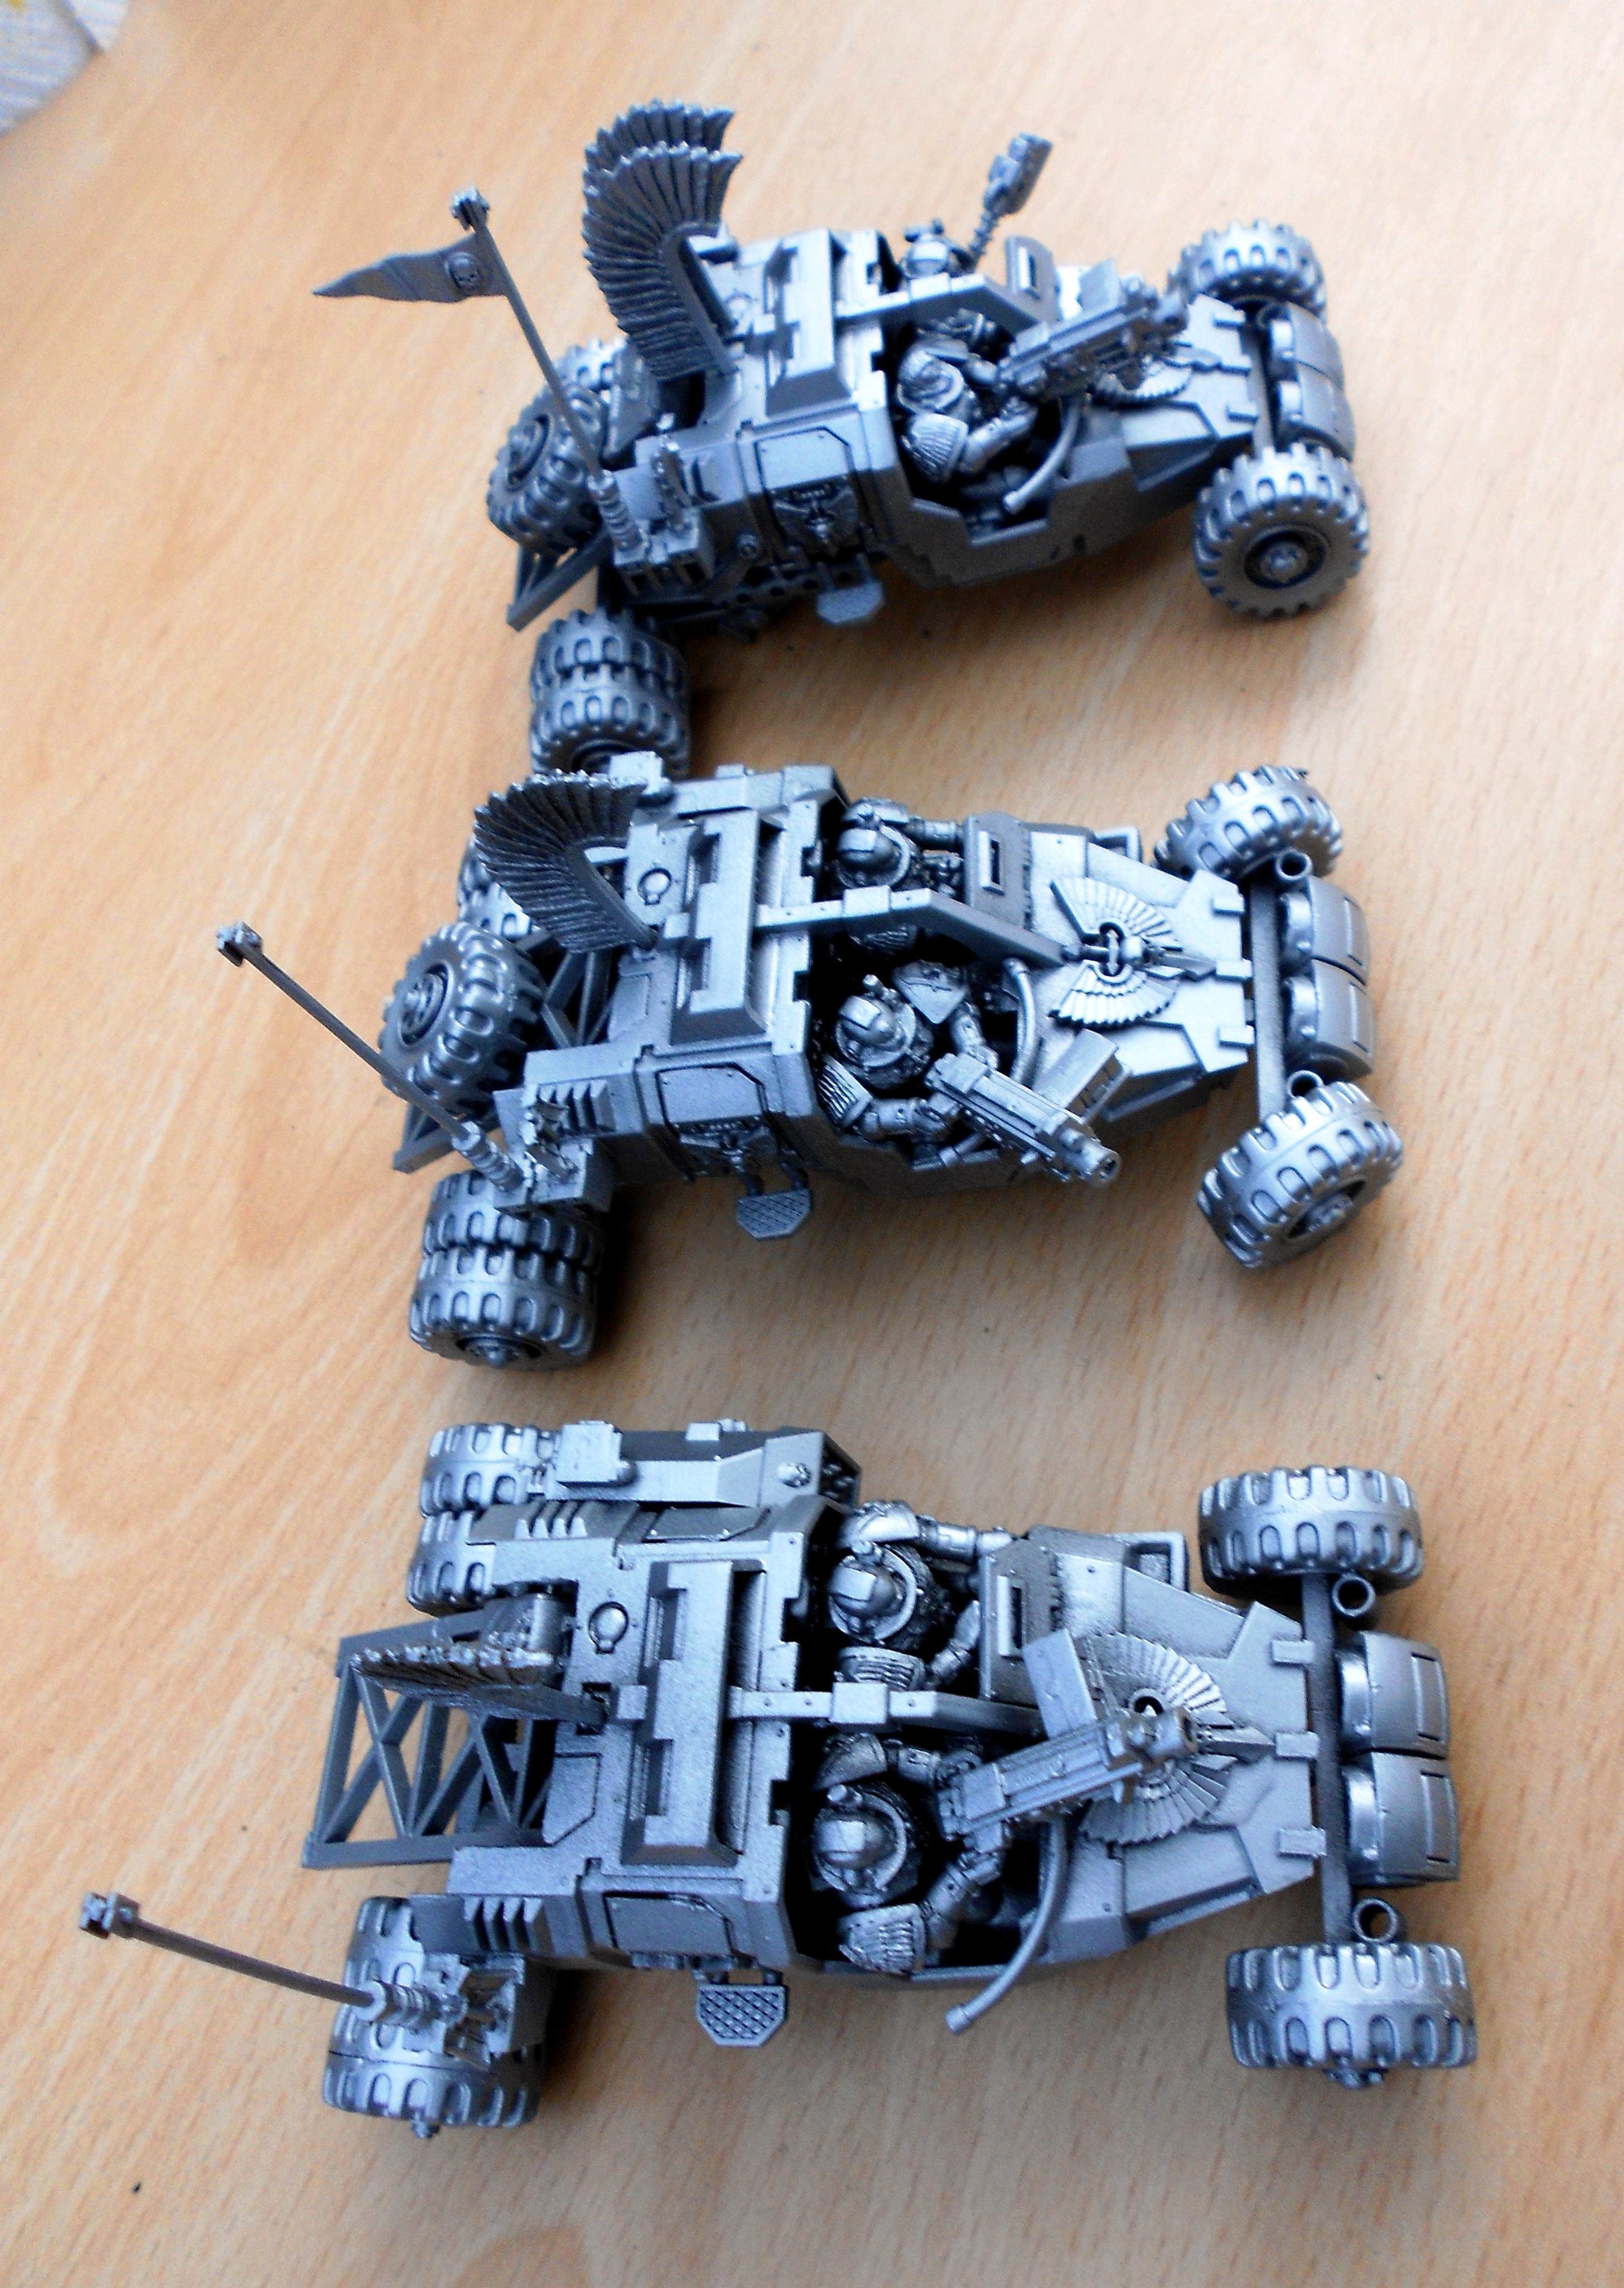 Buggy, Conversion, Dark Angels, Insane Conversion, Jeep, Land Runner, Land Speeder, Ravenwing, Space Marines, Warhammer 40,000